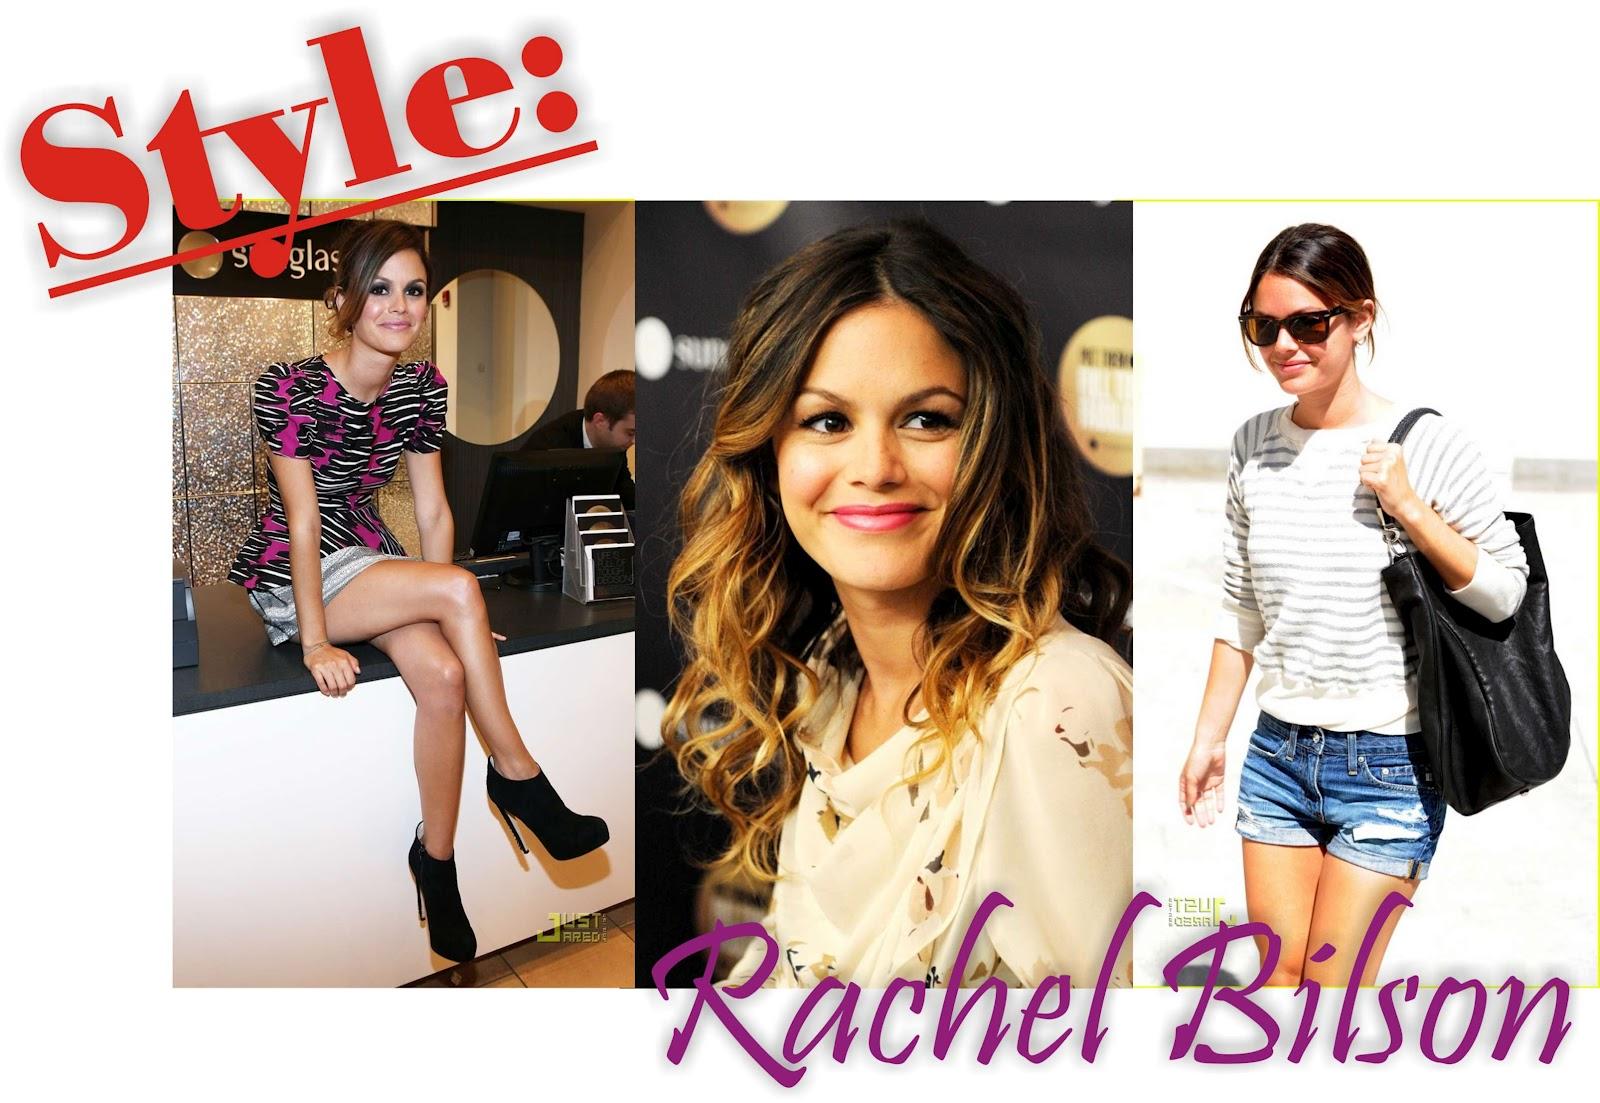 http://2.bp.blogspot.com/-e3bKvXdFZWU/T_9p_Ly79mI/AAAAAAAACwg/eRtxxhbPkv0/s1600/Style+-+Rachel+Bilson+1.jpg